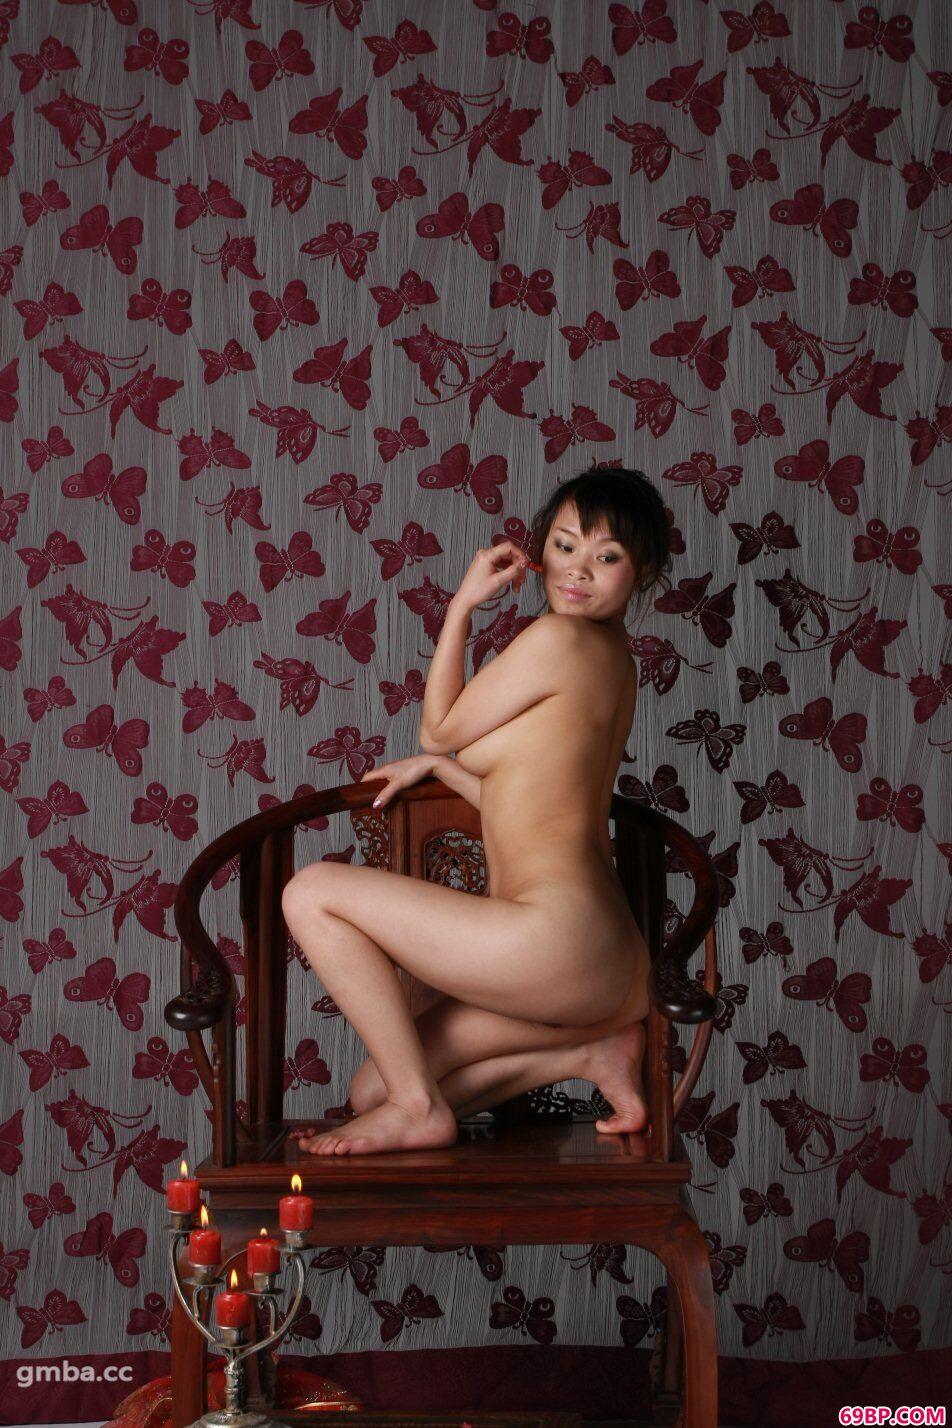 裸模小佳超大胆掰开腿间花瓣人体图片